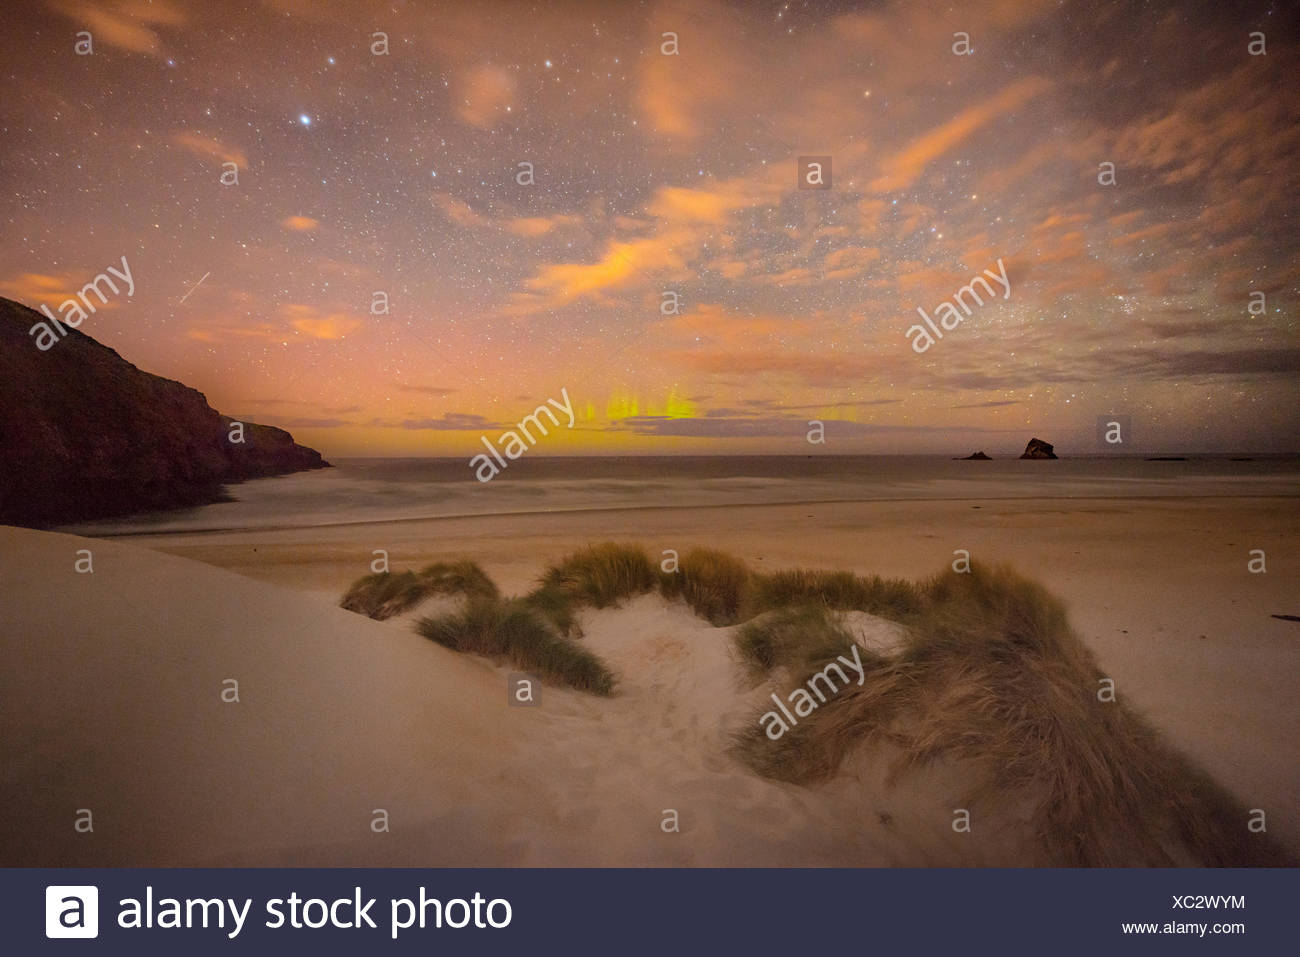 Lumières du sud, Aurora Australis sur la mer, les dunes de sable, la baie de phlébotome, Dunedin, Otago, péninsule d'Otago, Southland, Nouvelle-Zélande Photo Stock